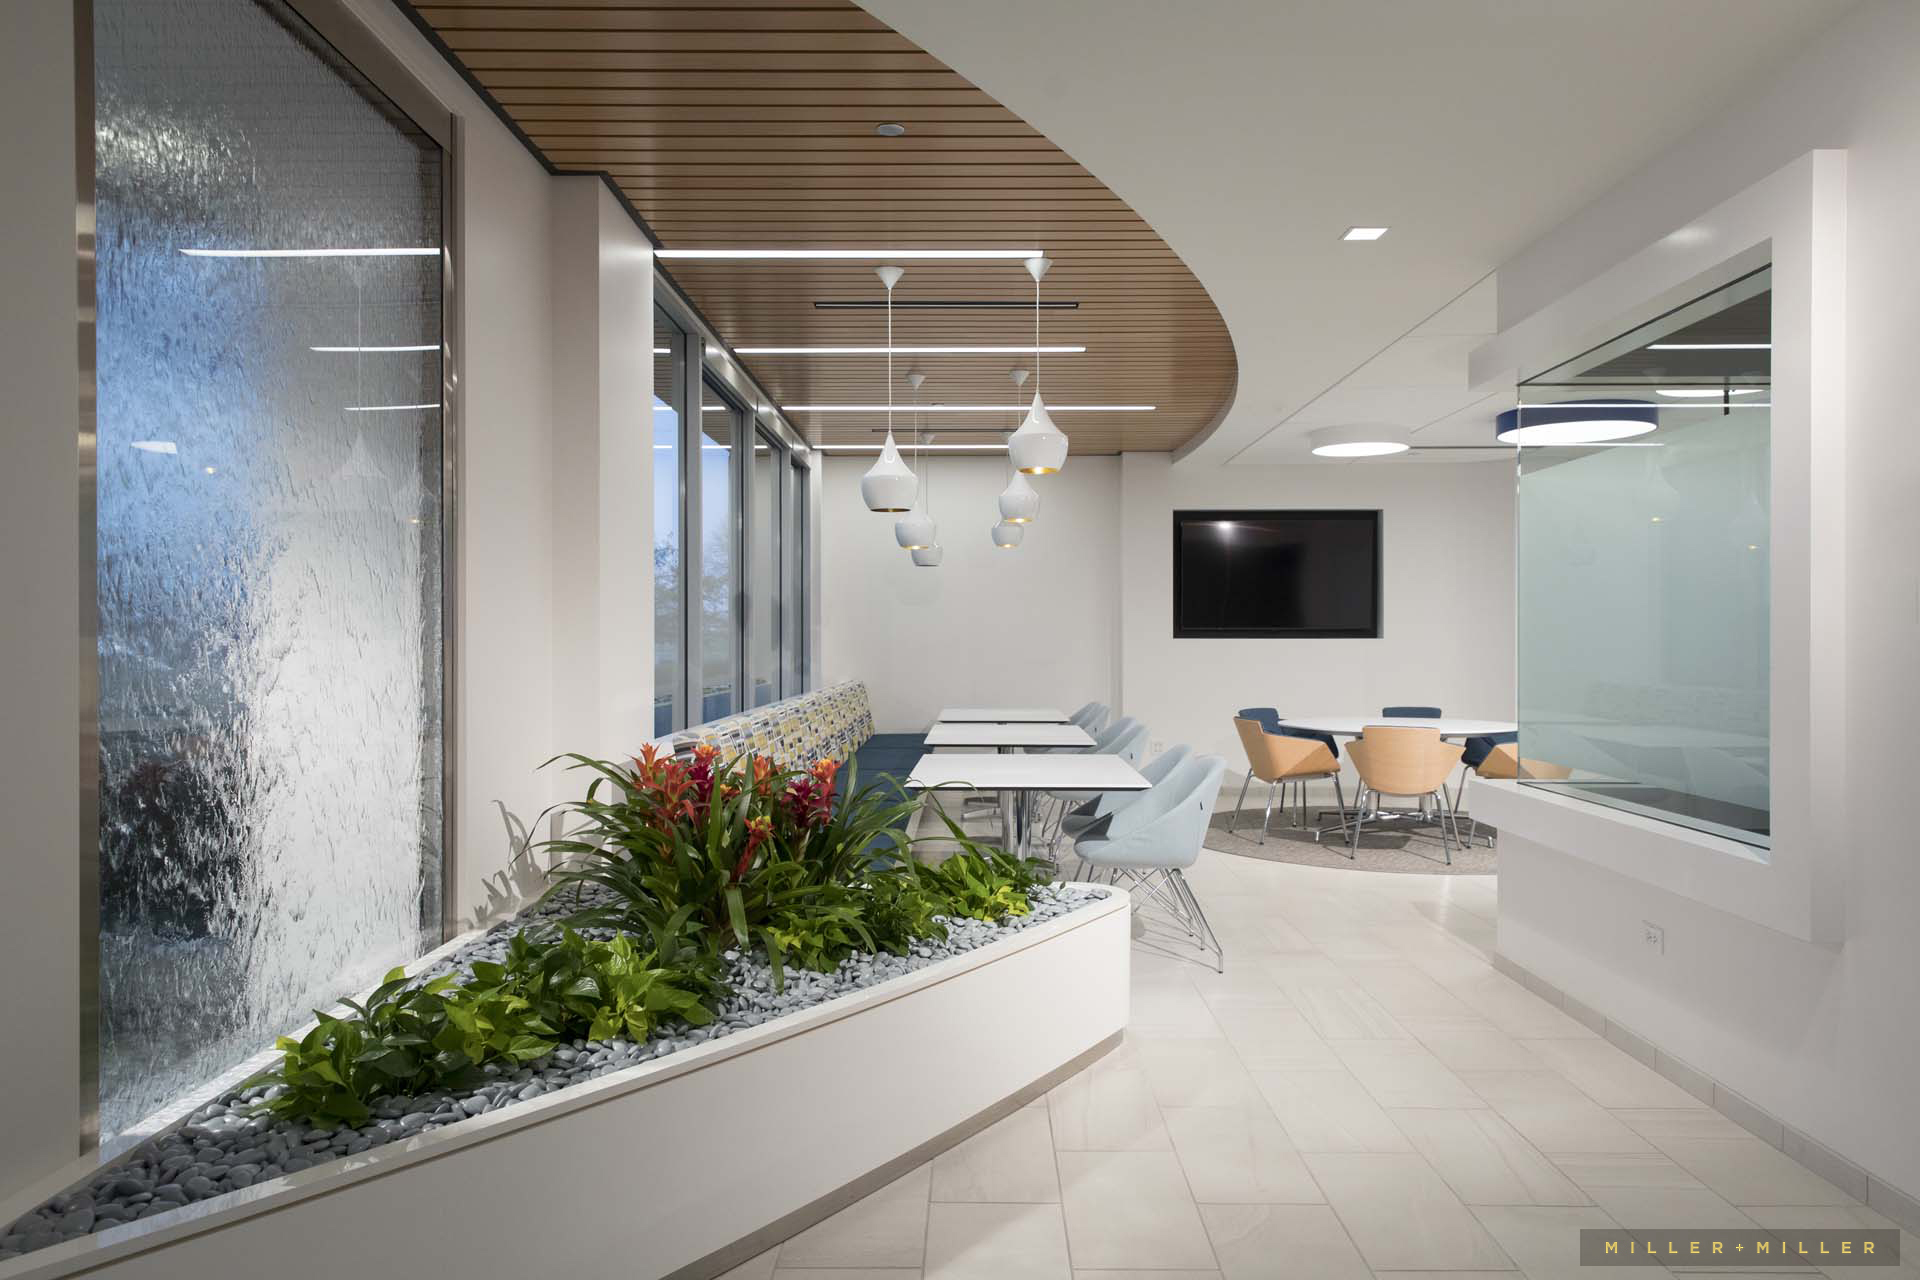 medical hospital cafe cafeteria interior design photos